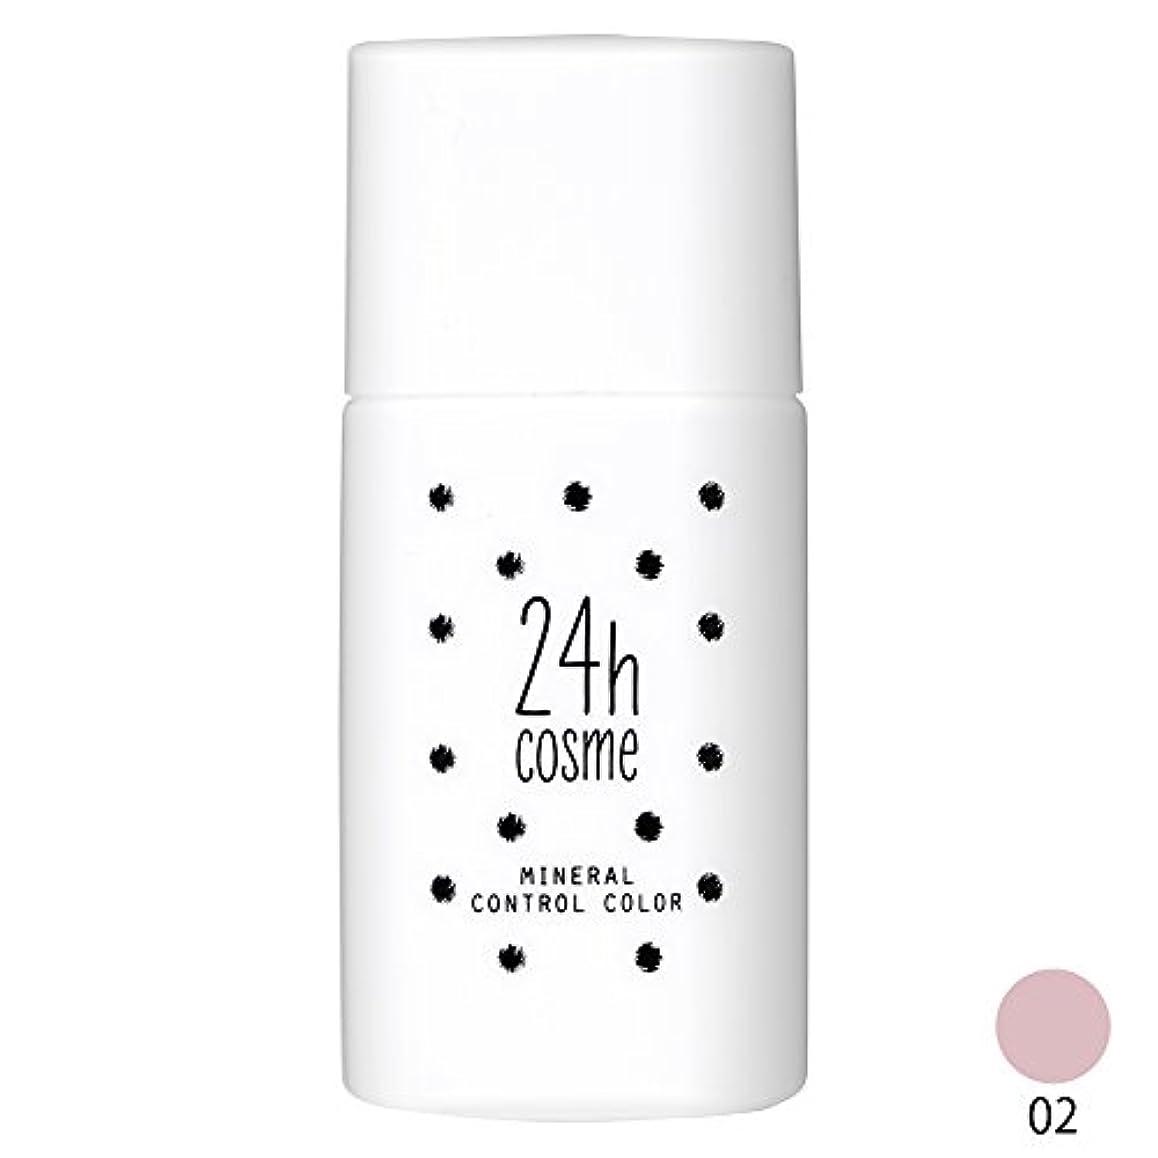 拍車空ドット24h cosme 24 コントロールベースカラー 02クリアバイオレット 肌に優しい化粧下地 20ml